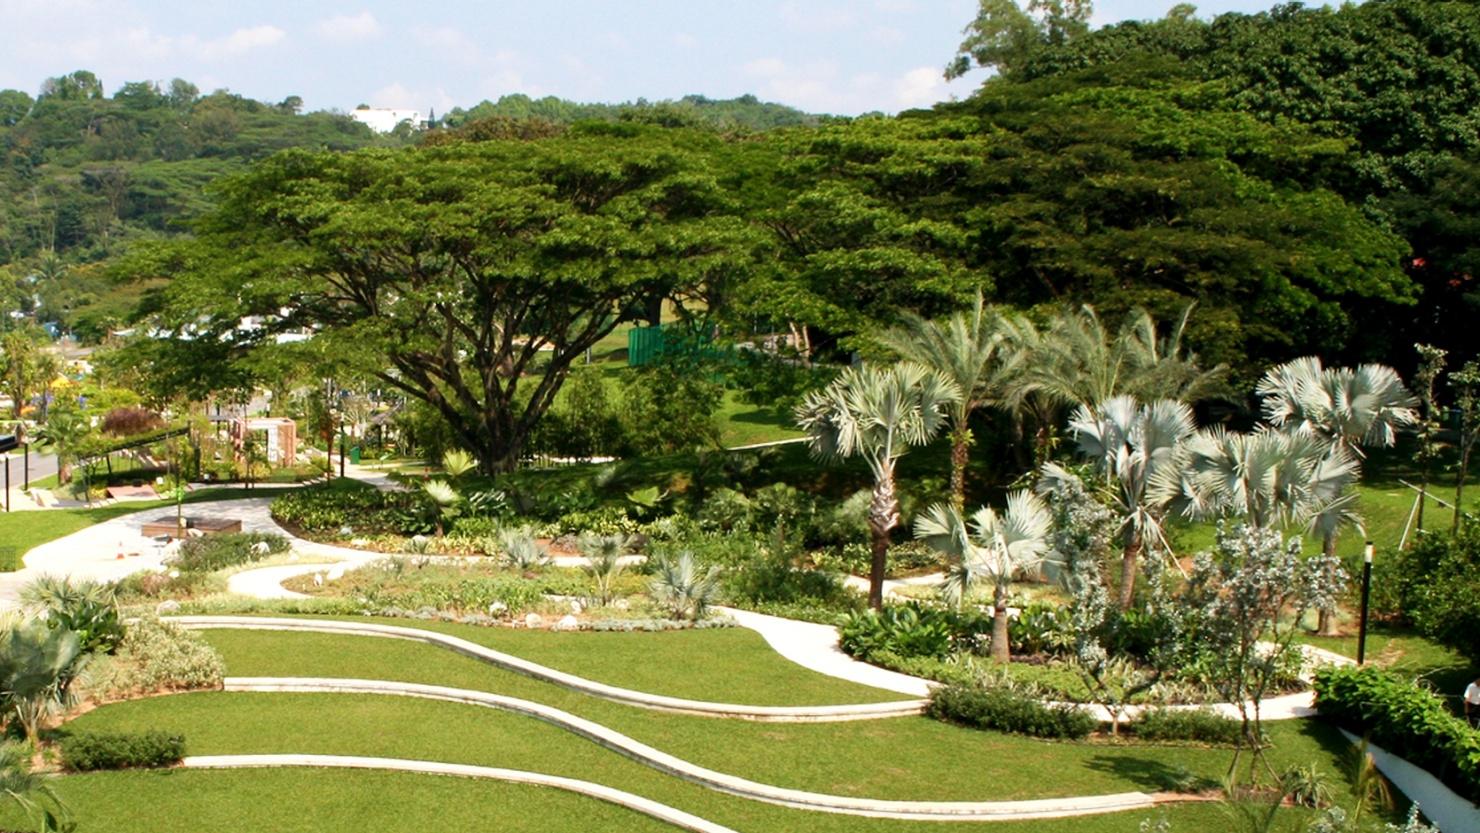 Hortpark - most unique wedding venues Singapore